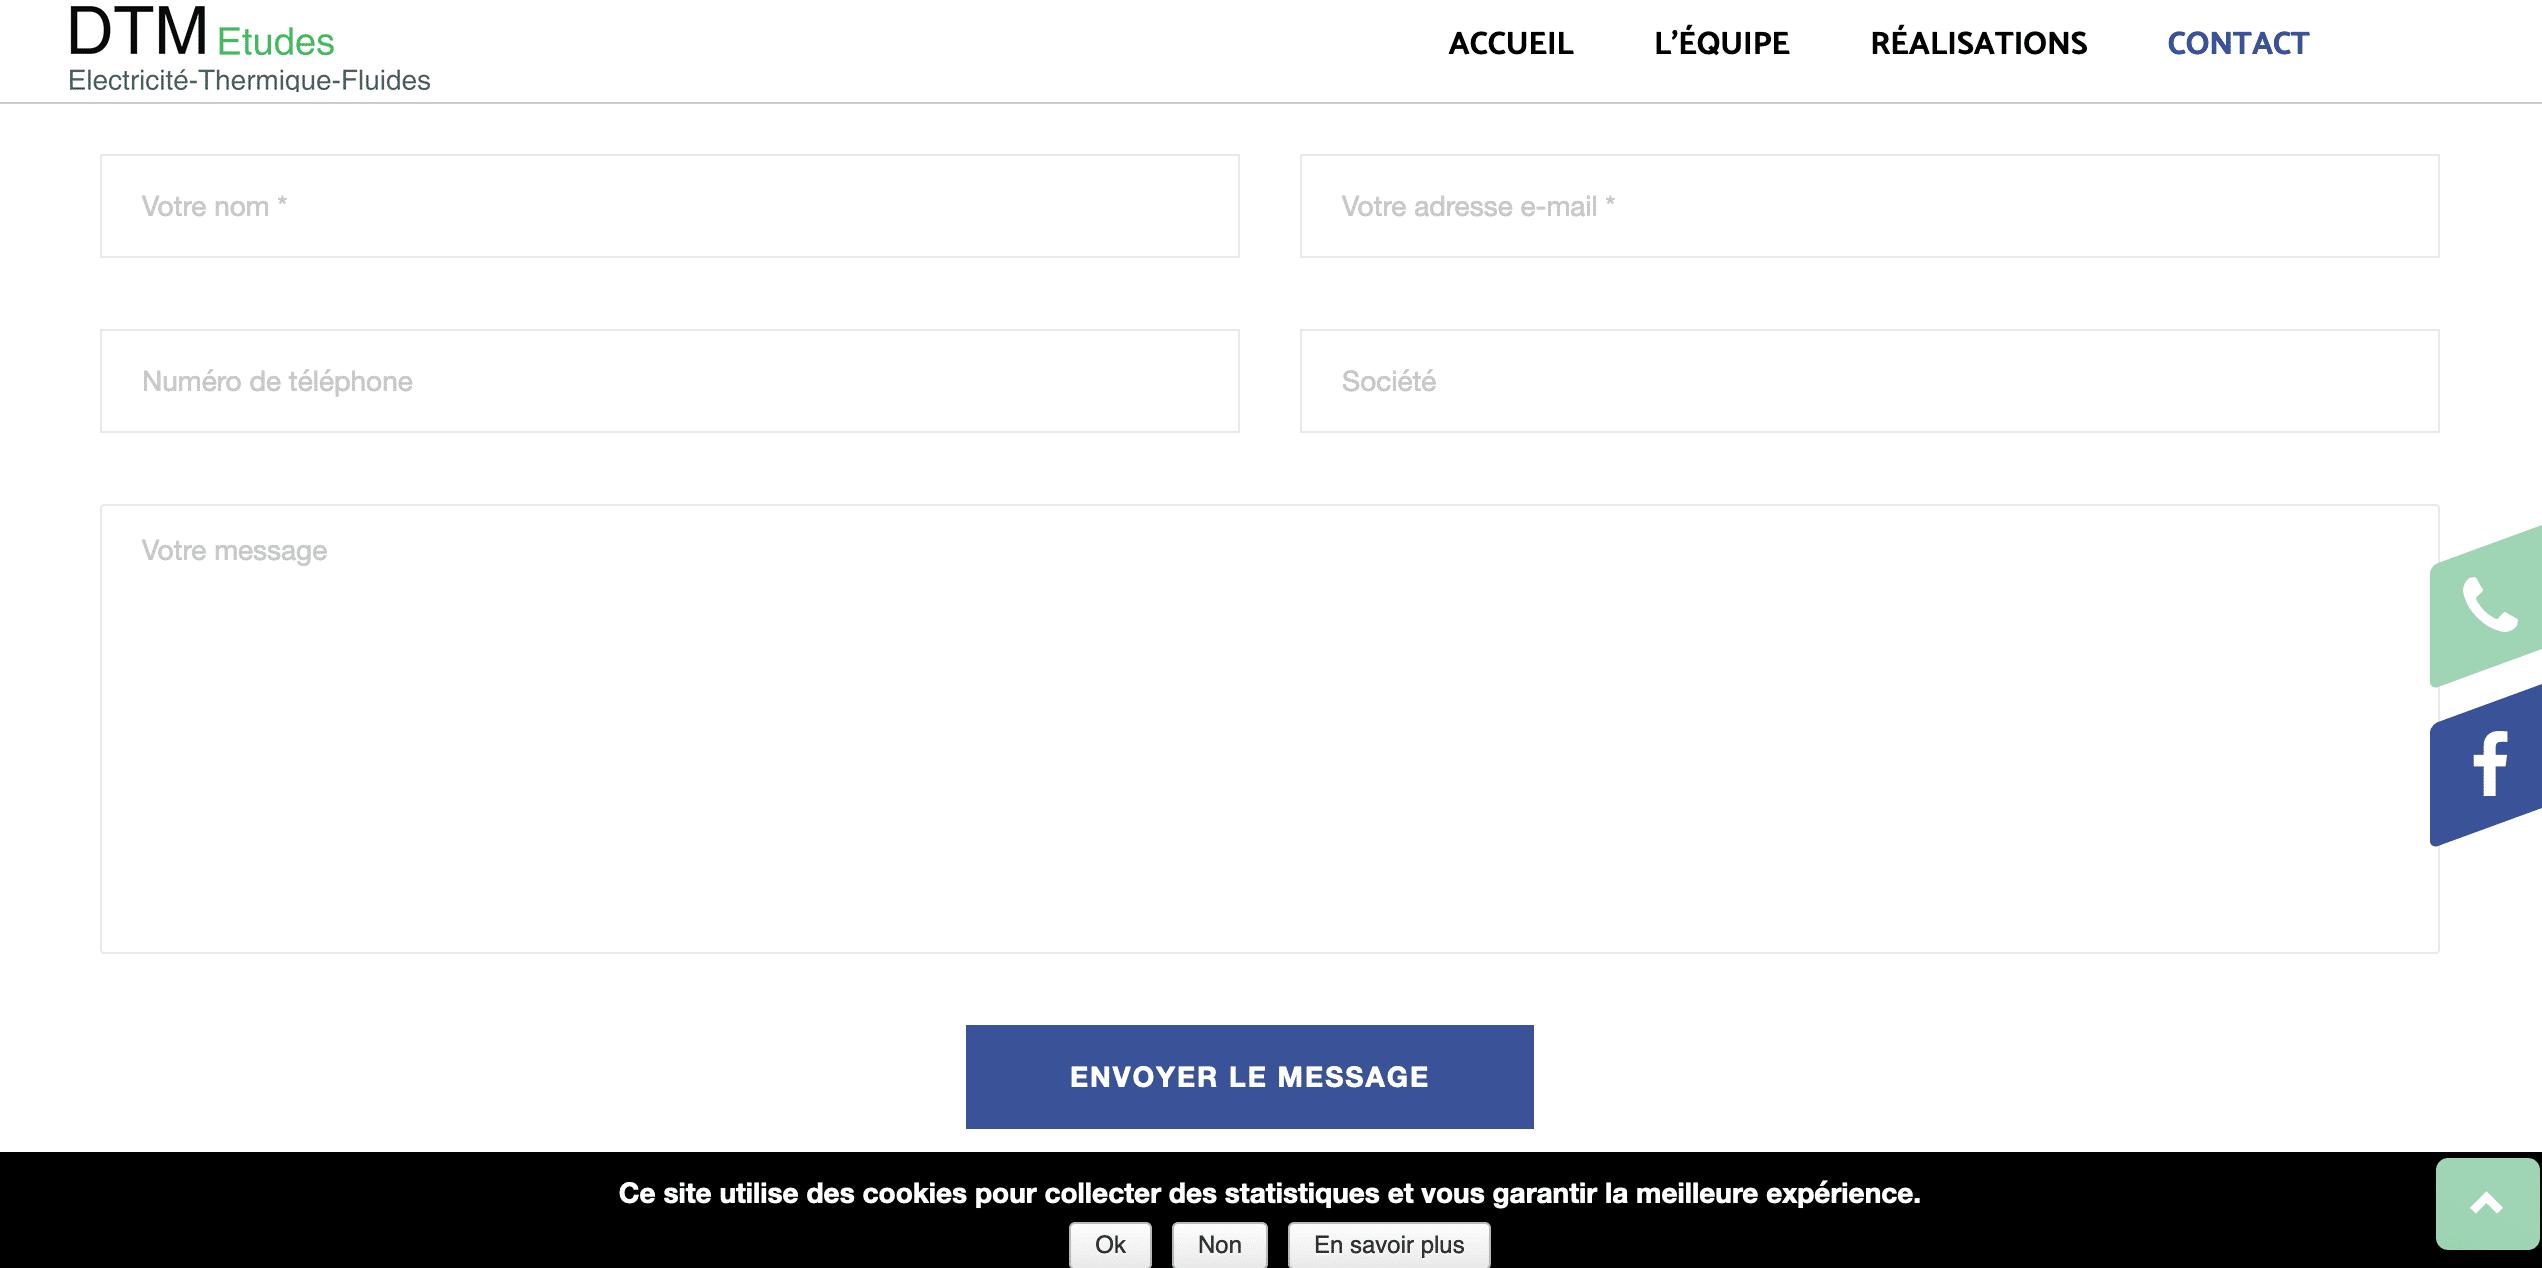 DTM Etudes - formulaire de contact